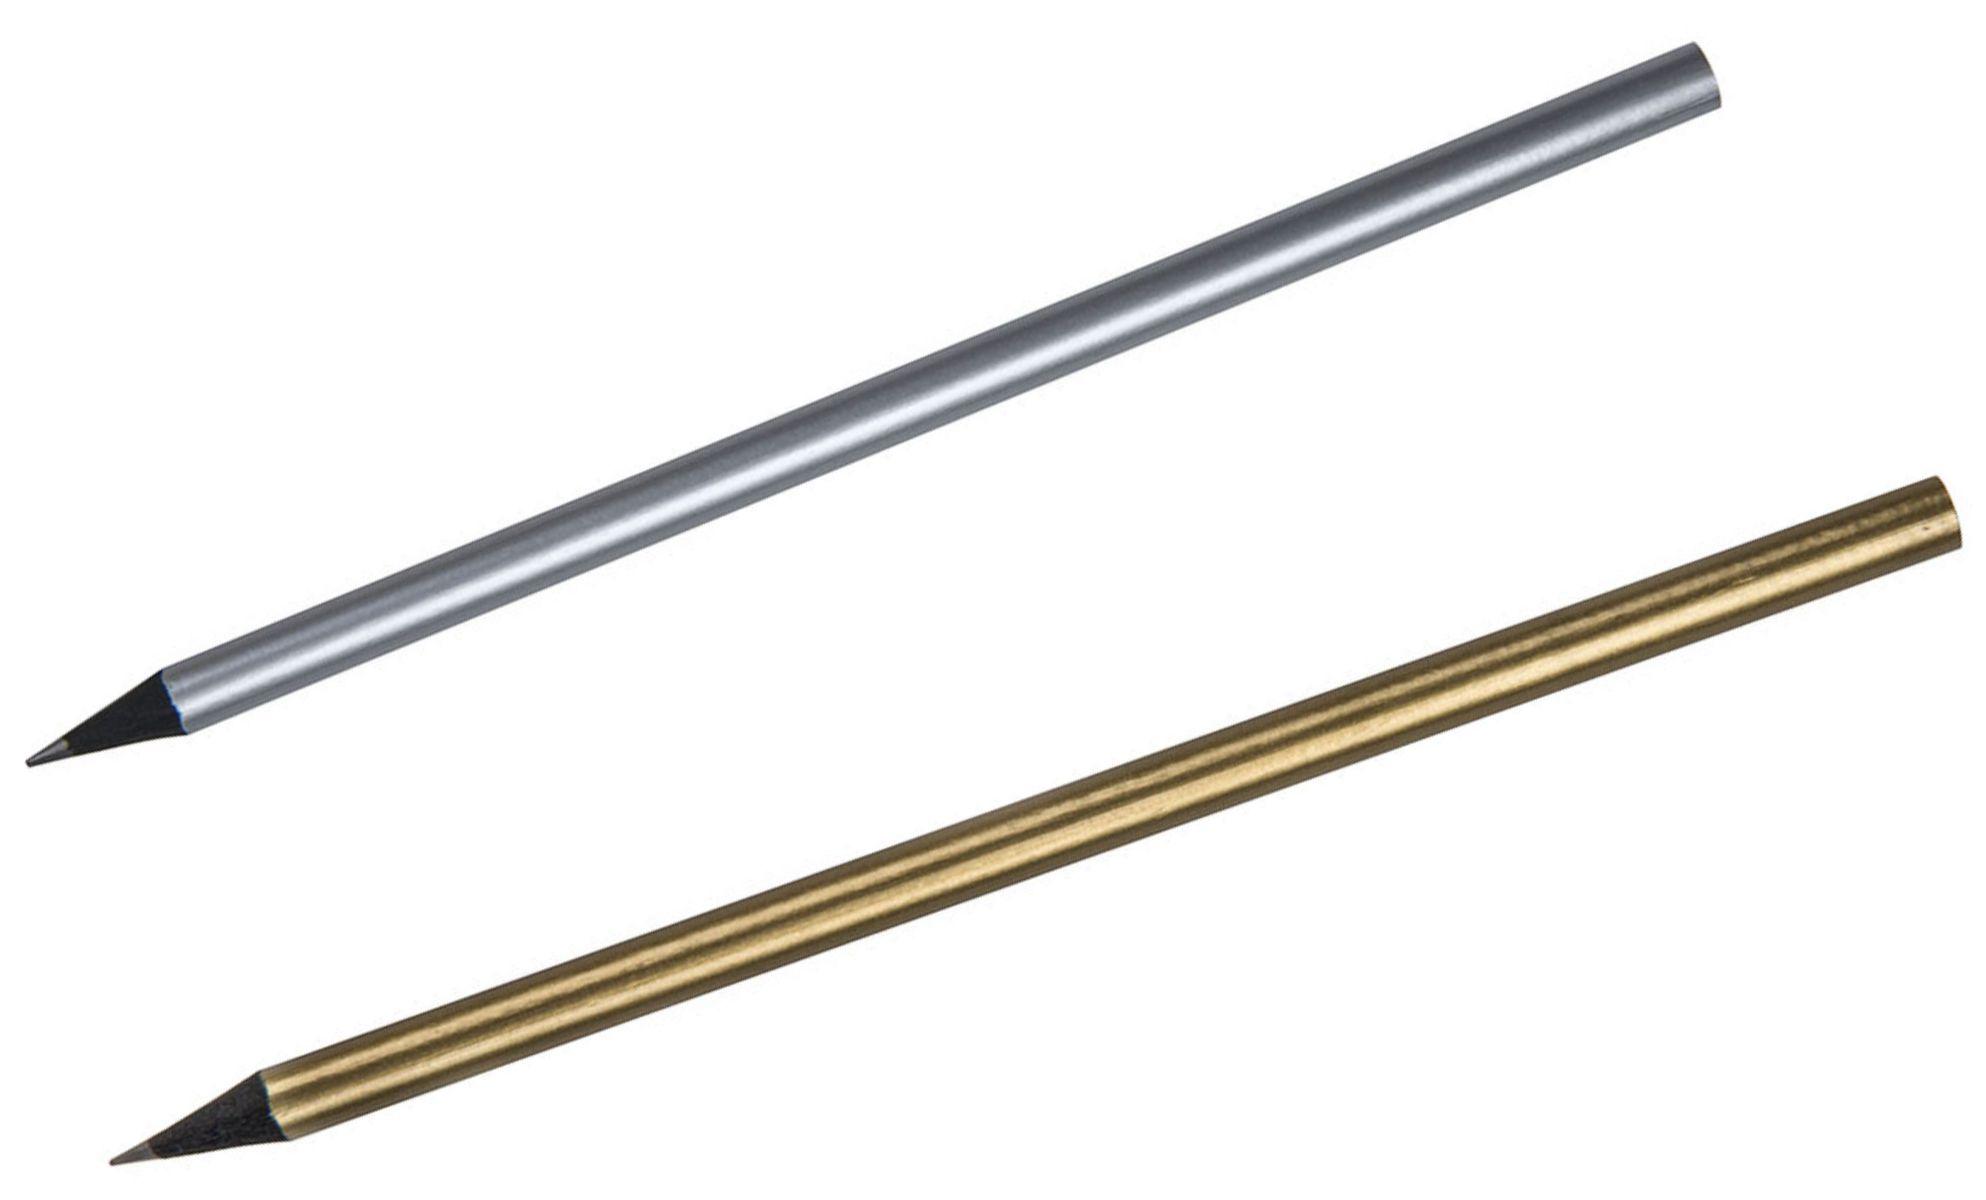 карандаши с логотипом в Самаре